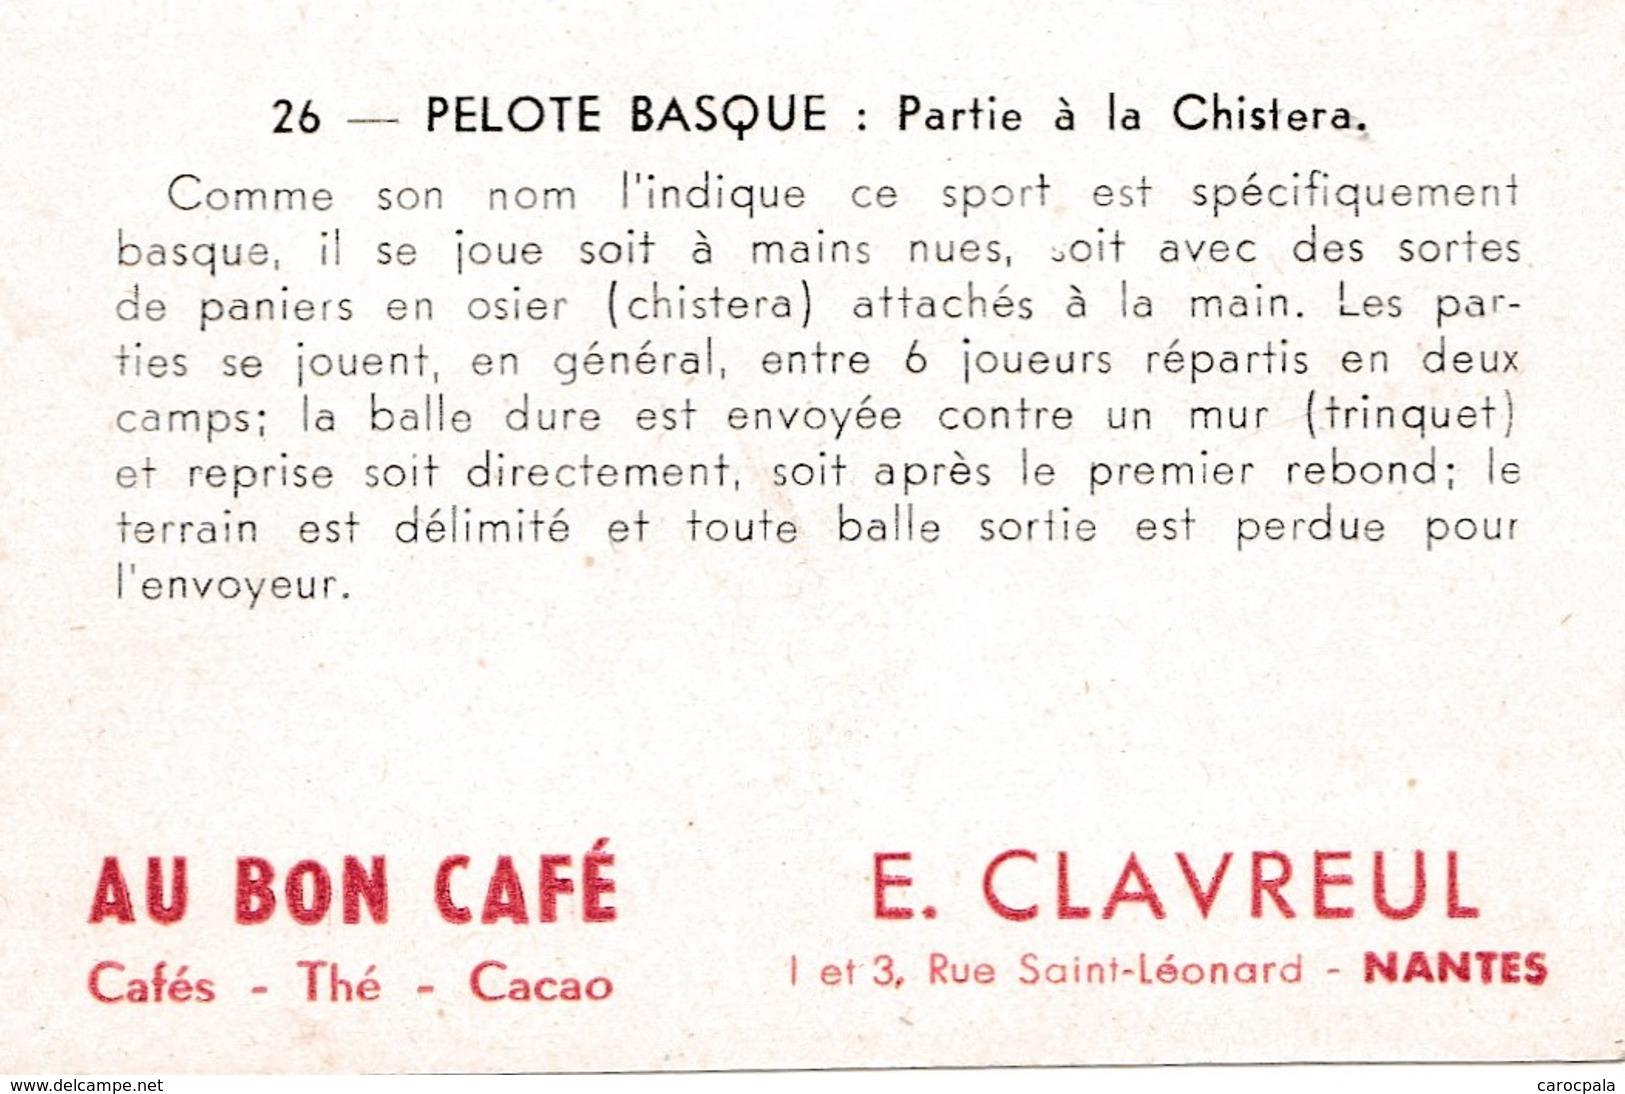 Vers 1950 LES SPORTS / PELOTE BASQUE /PARTIE A LA CHISTERA (publicité Café Clavreul Nantes) - Cartes Postales